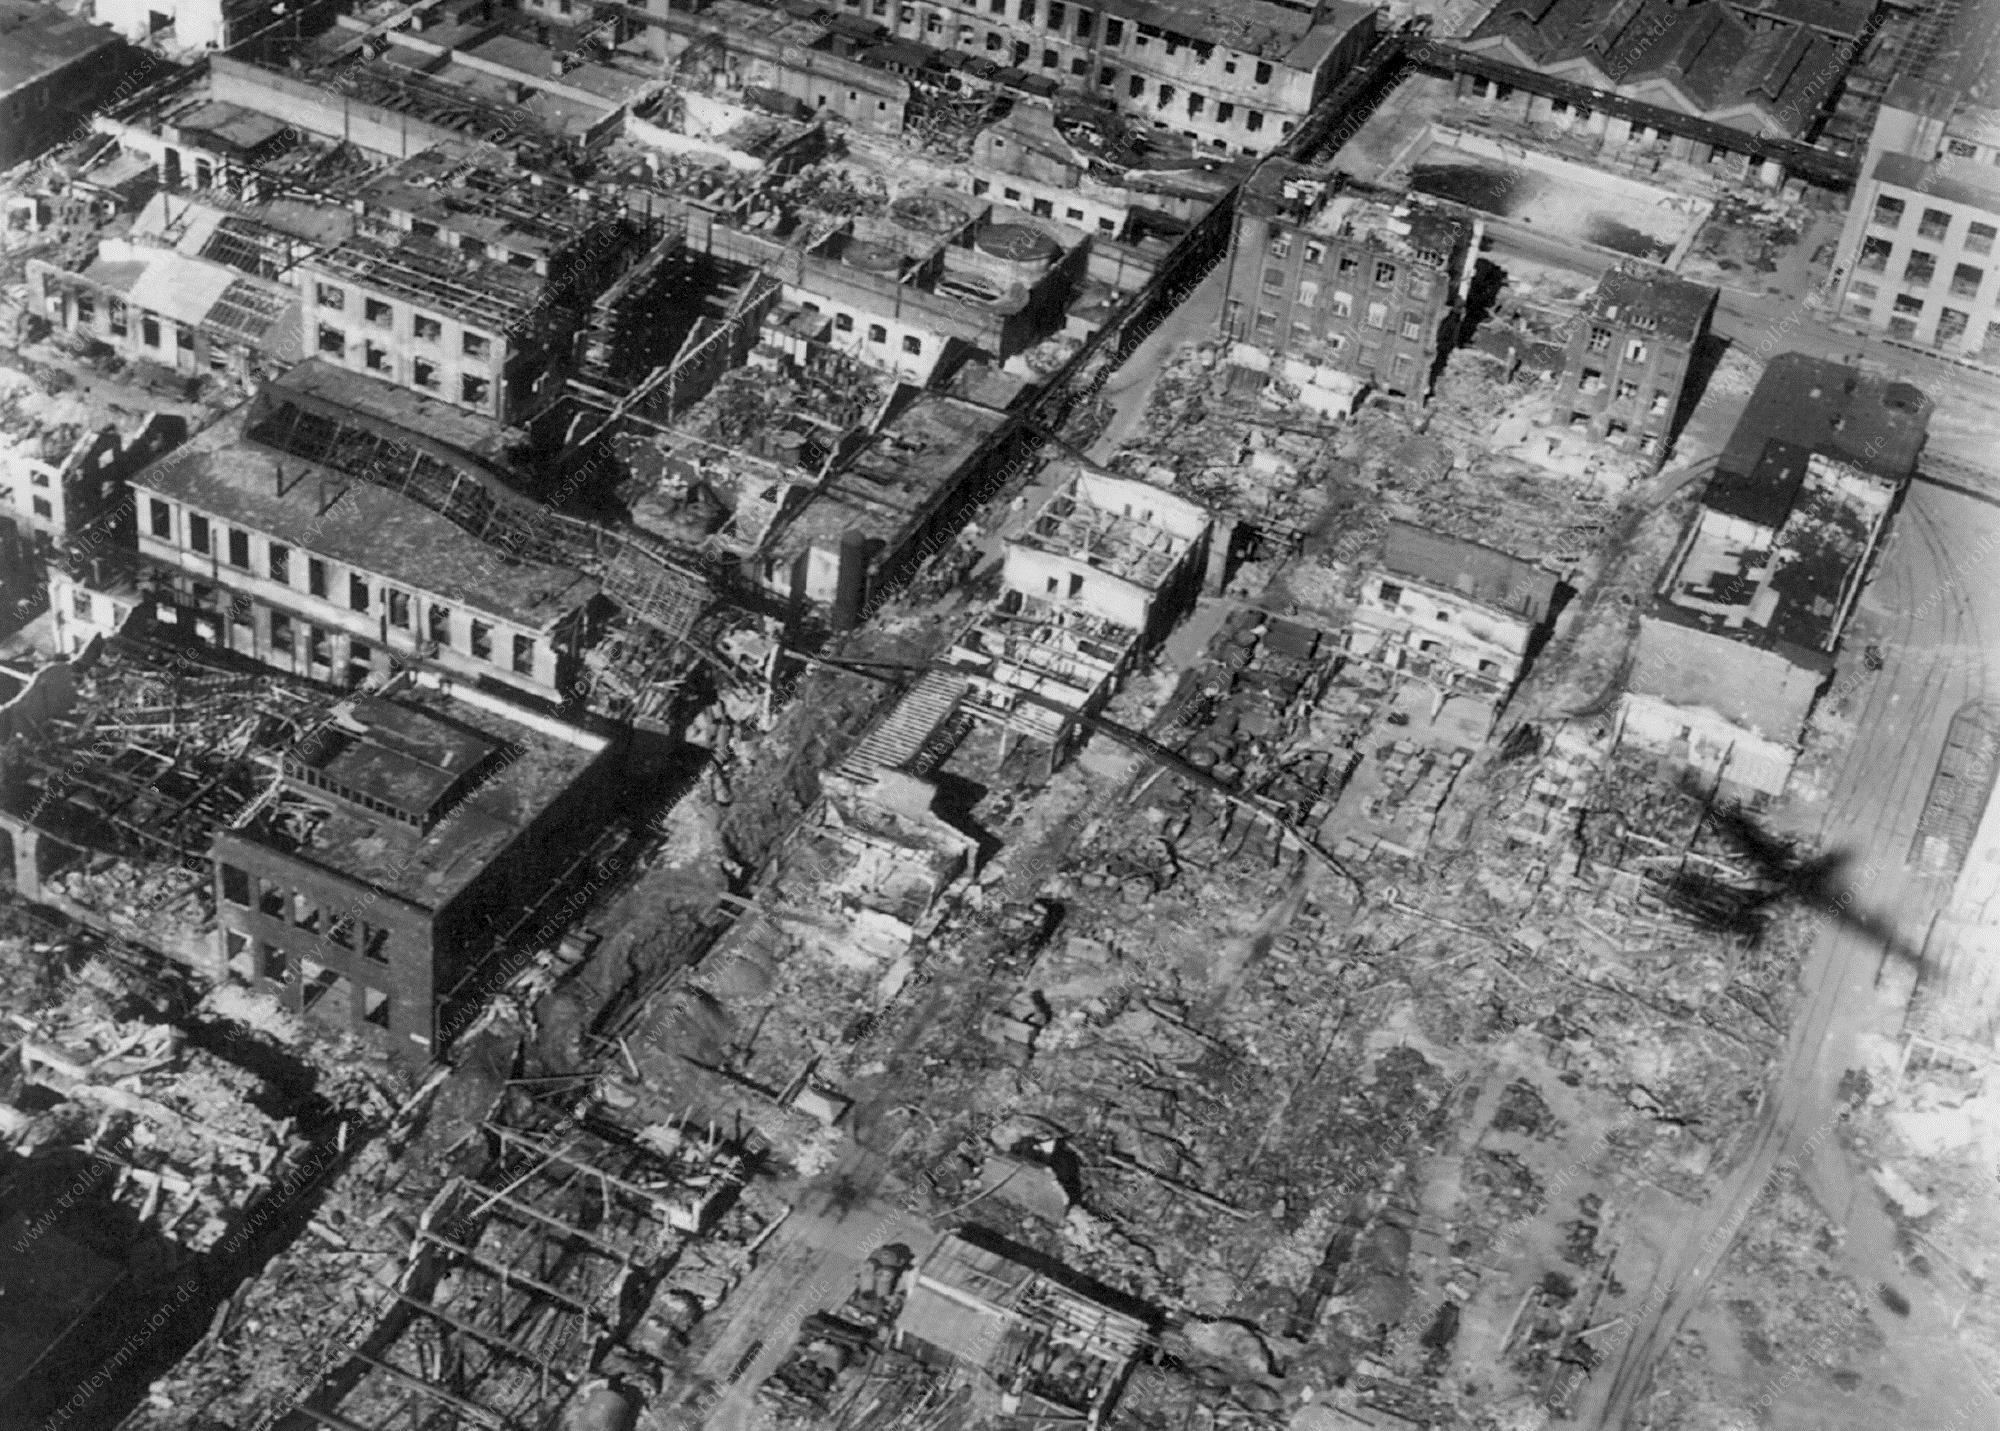 Unbekanntes Luftbild Industrieanlagen vermutlich Mannheim